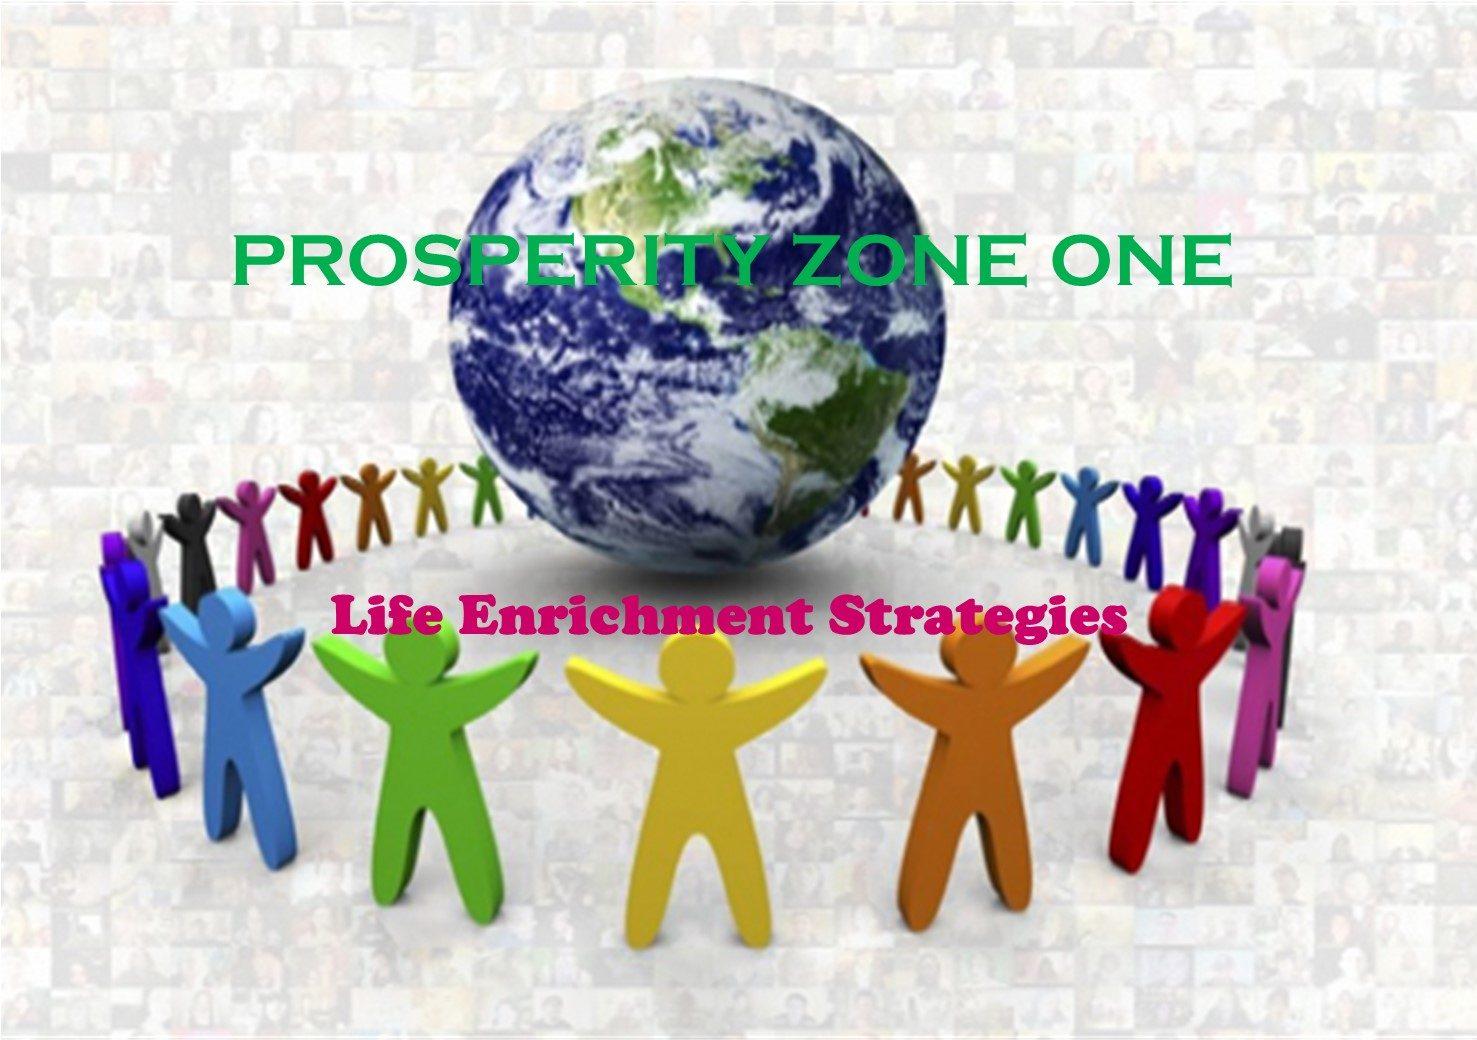 Prosperity Zone One